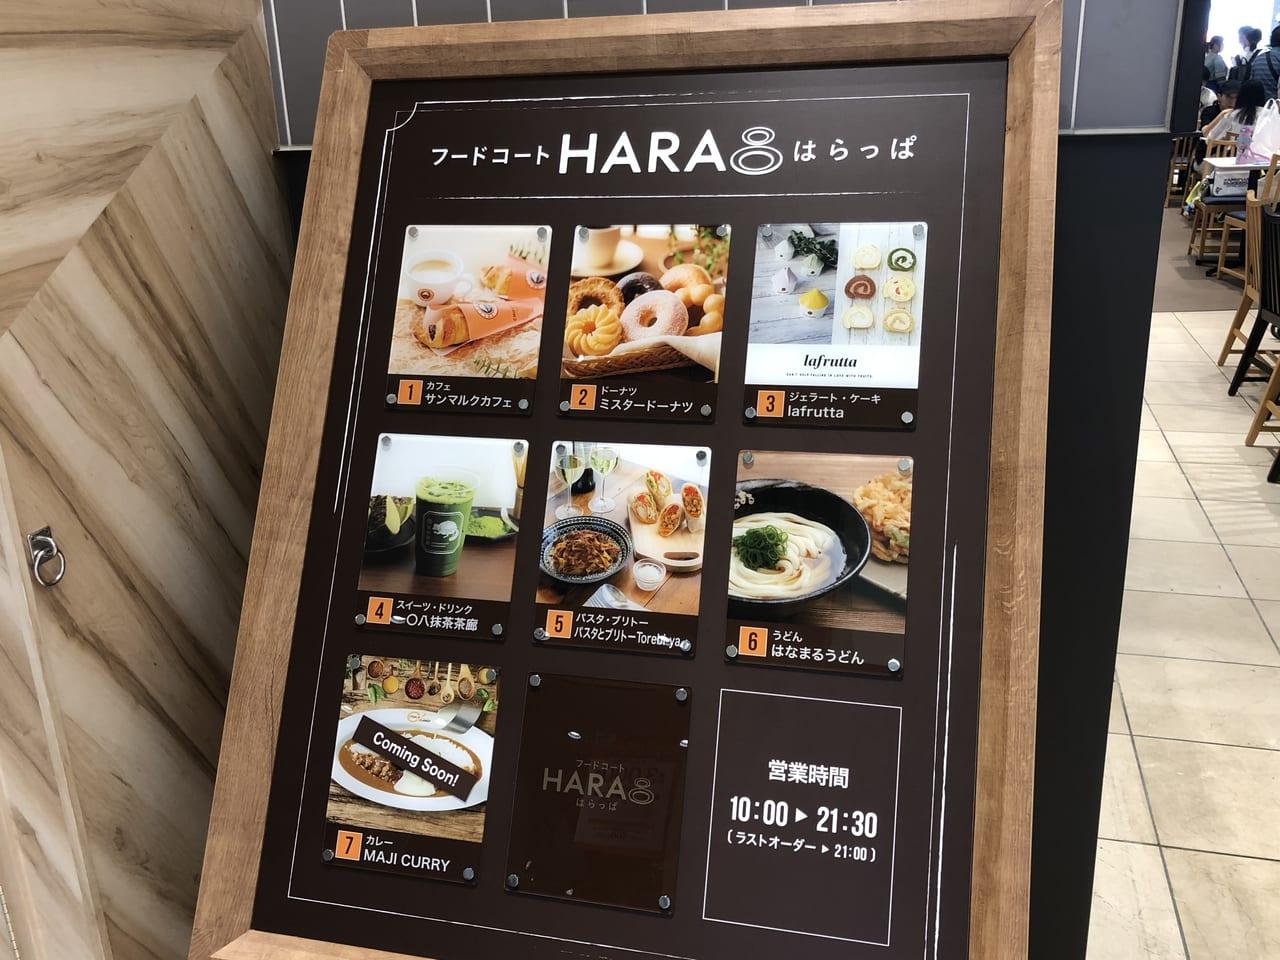 丸井志木ハラッパ